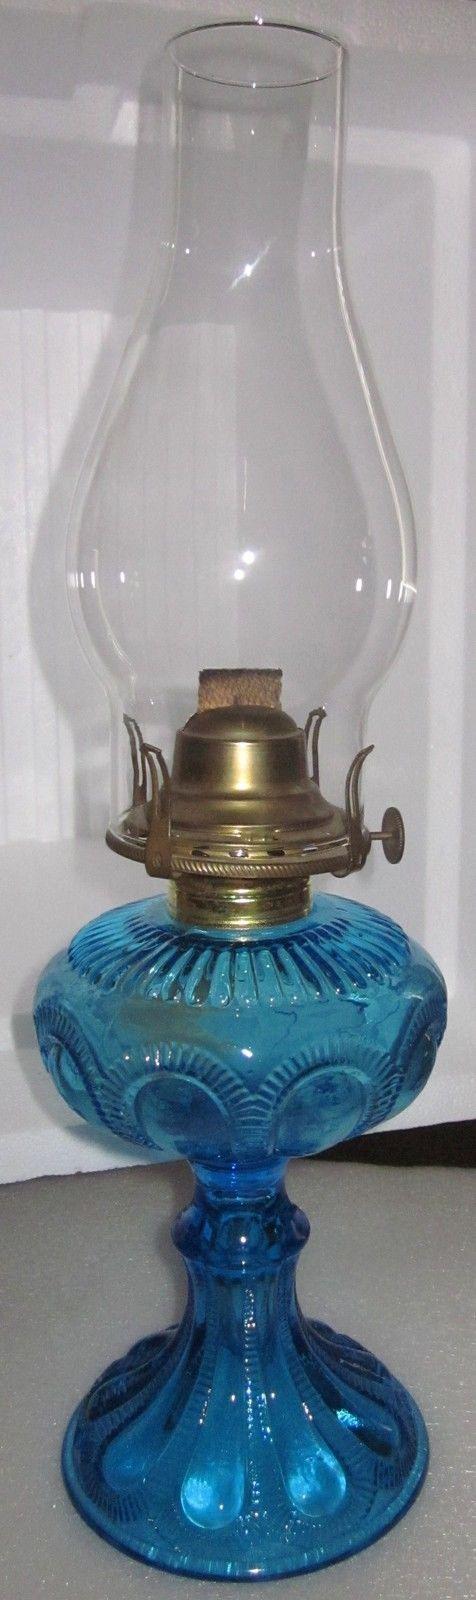 Antique EAPG 1909 Imperial Glass Co. Blue. Antique Oil LampsVintage ...